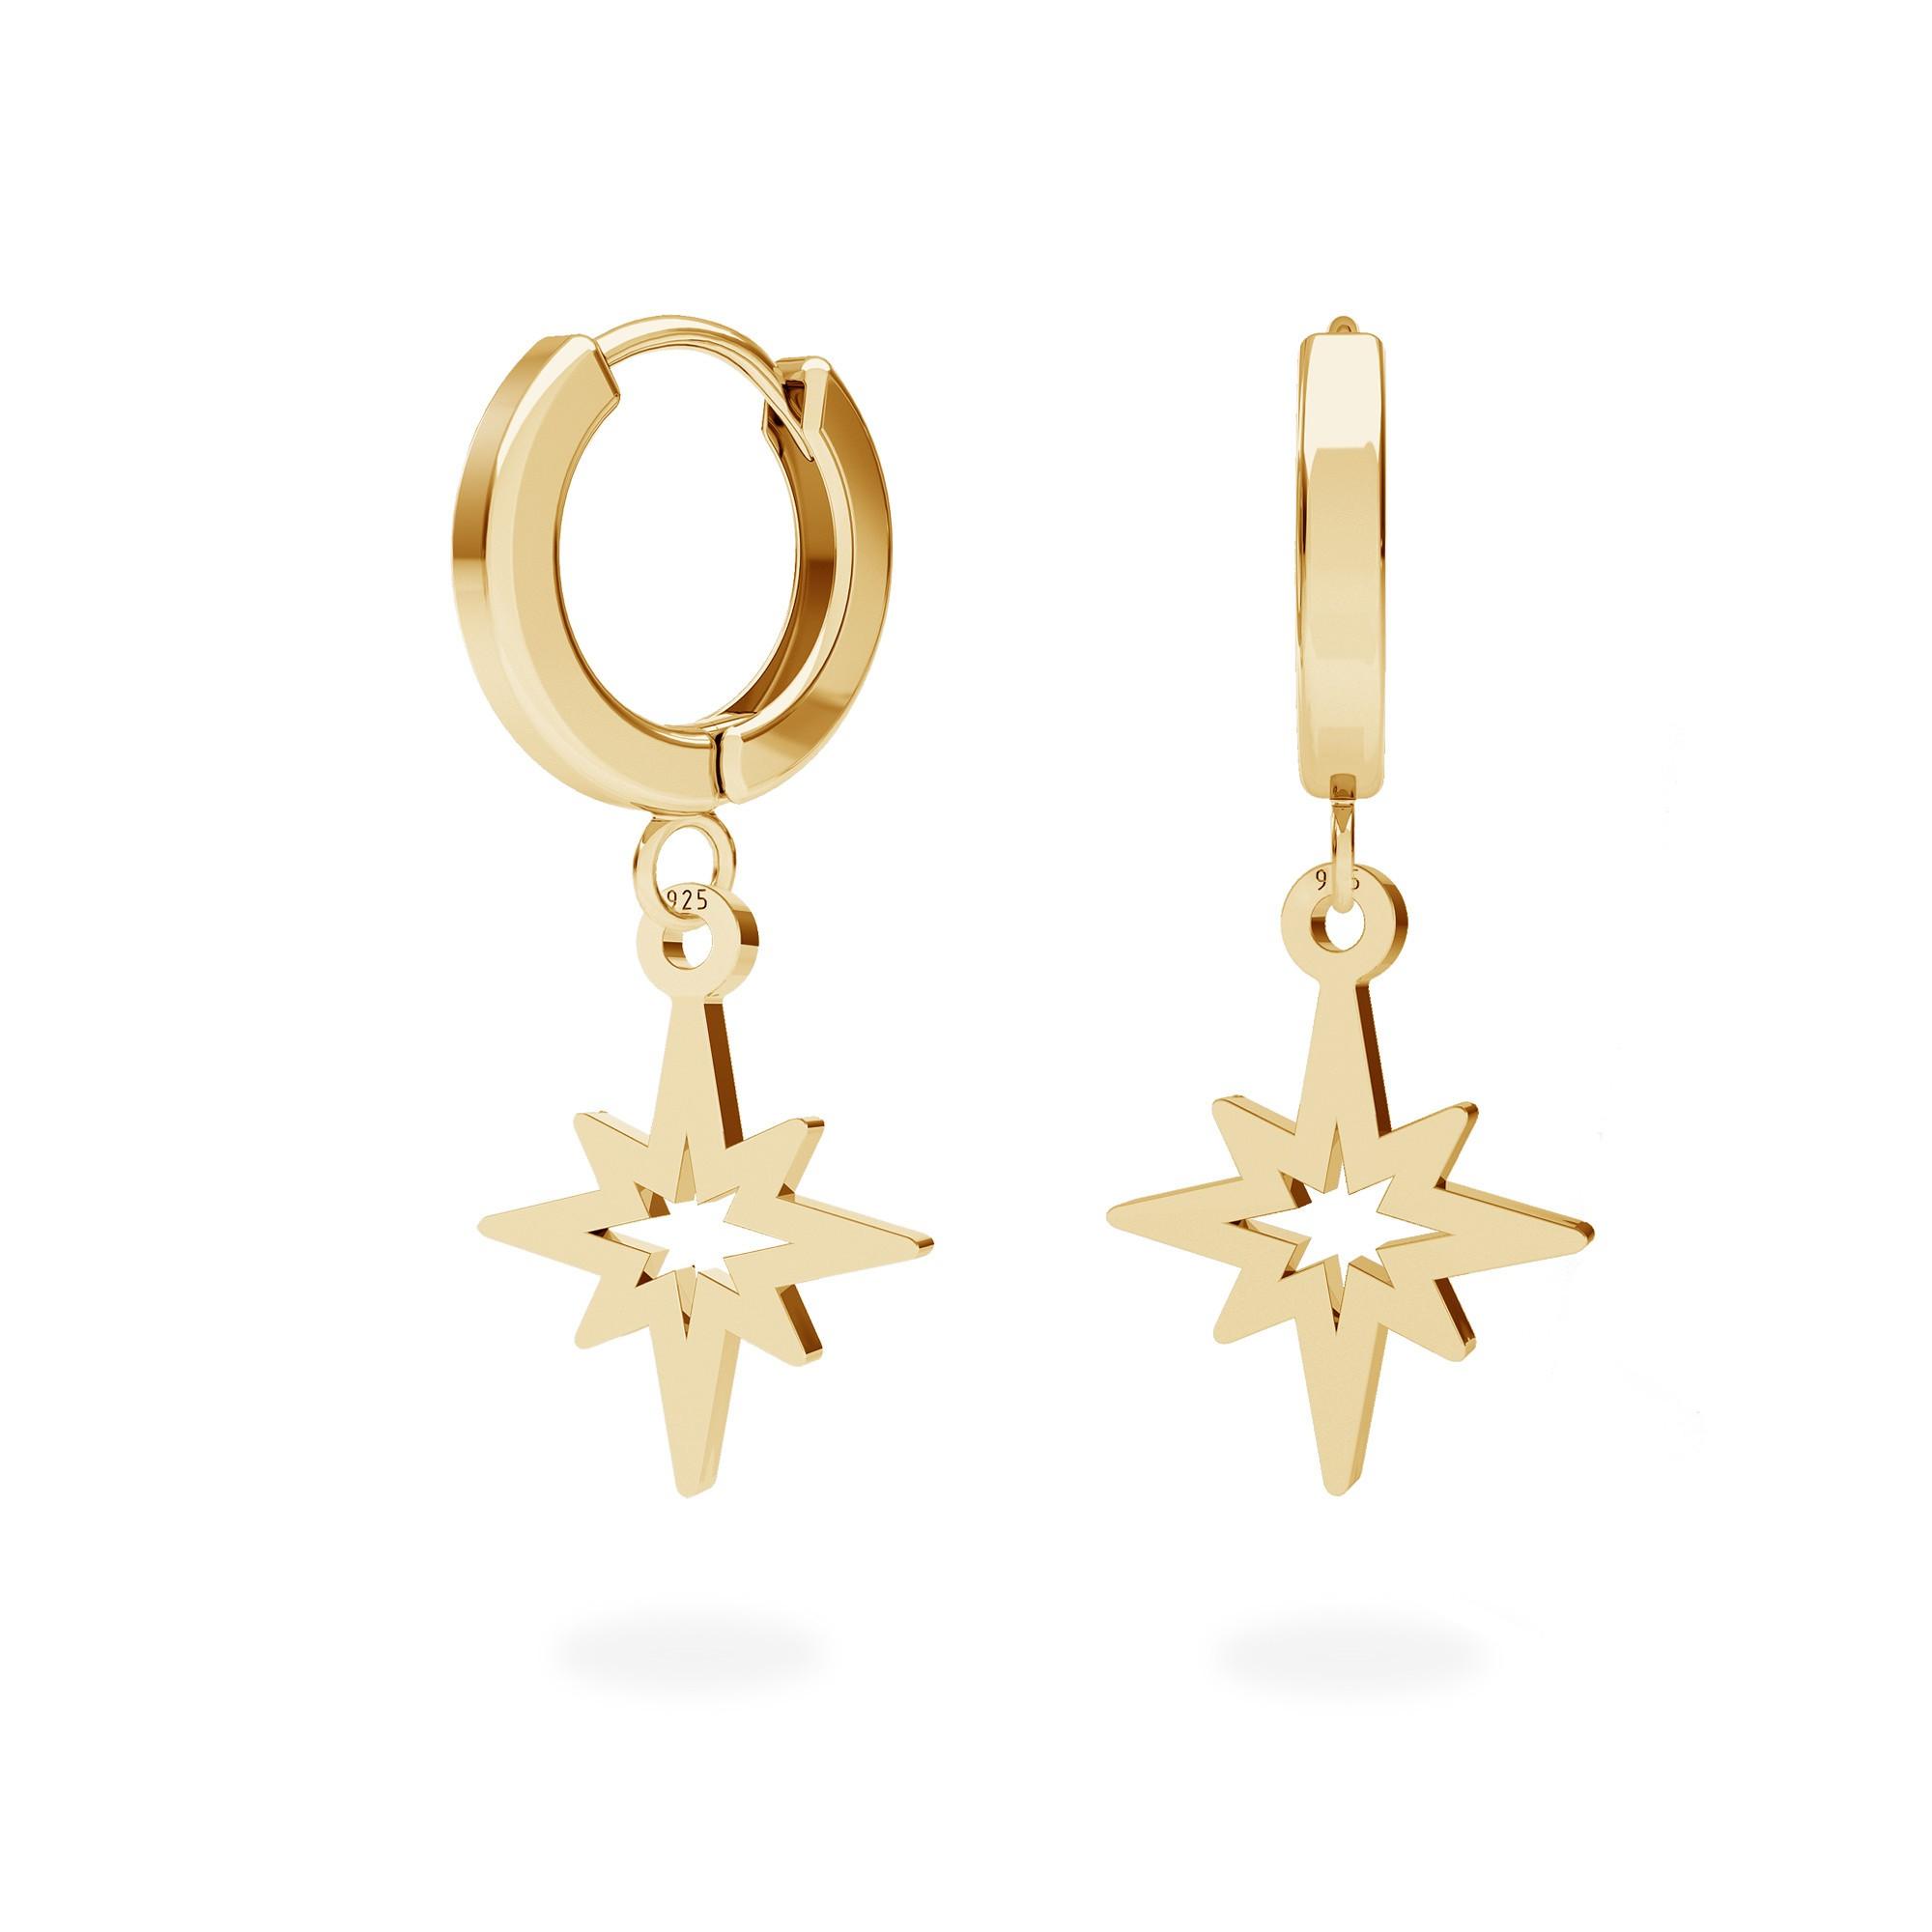 Star earrings sterling silver 925